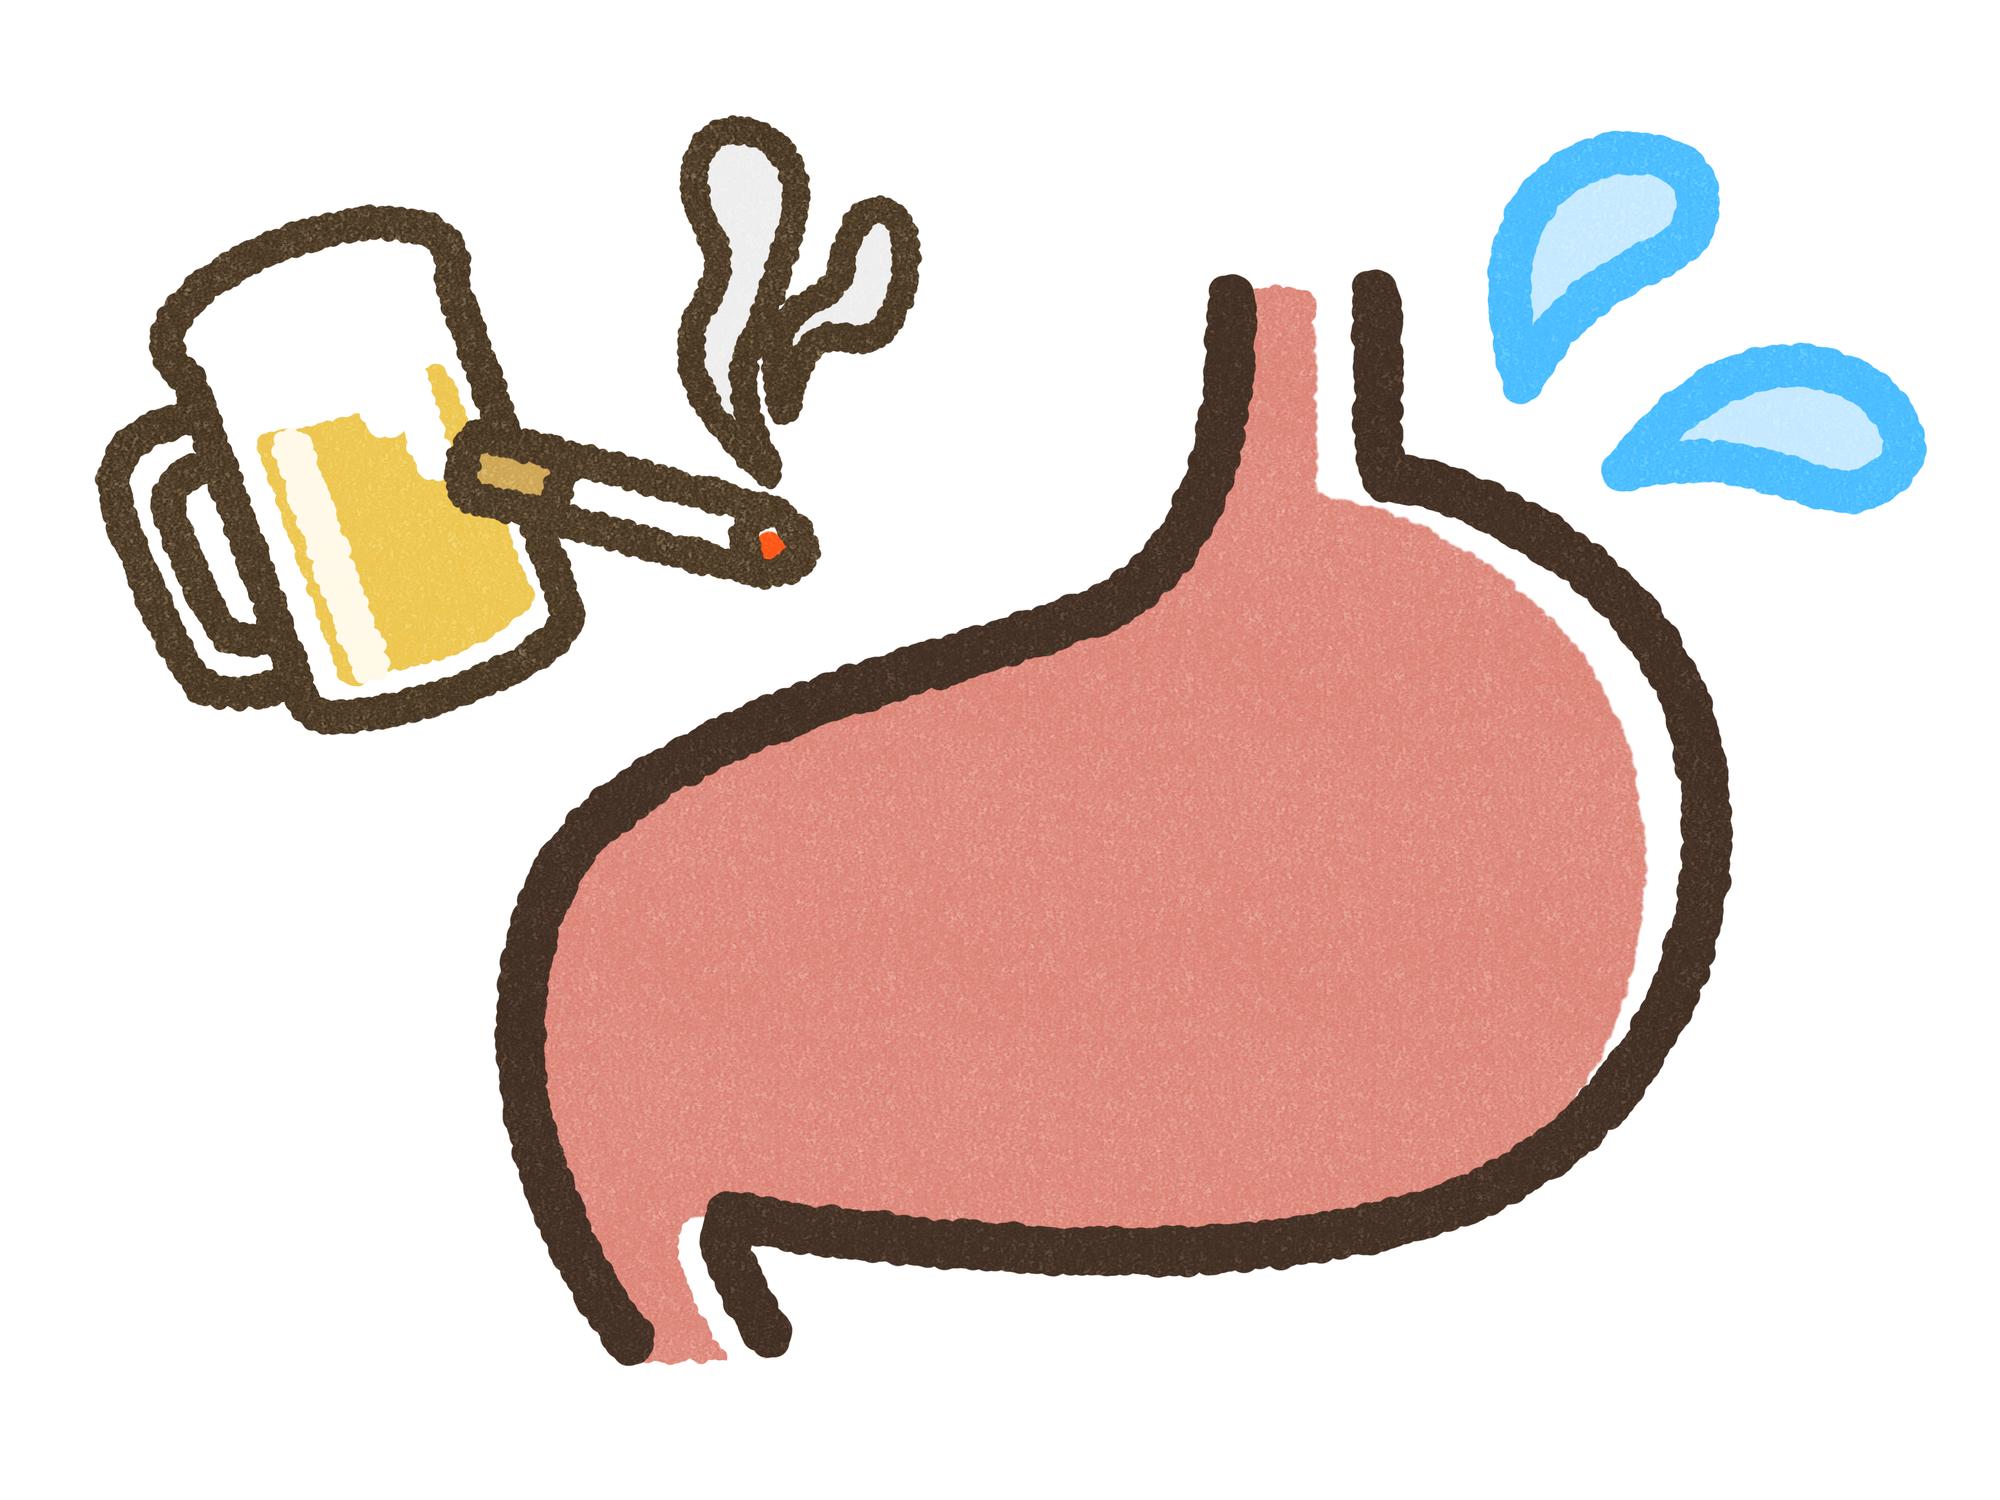 胃がんとは?その症状や治療法などについてご紹介